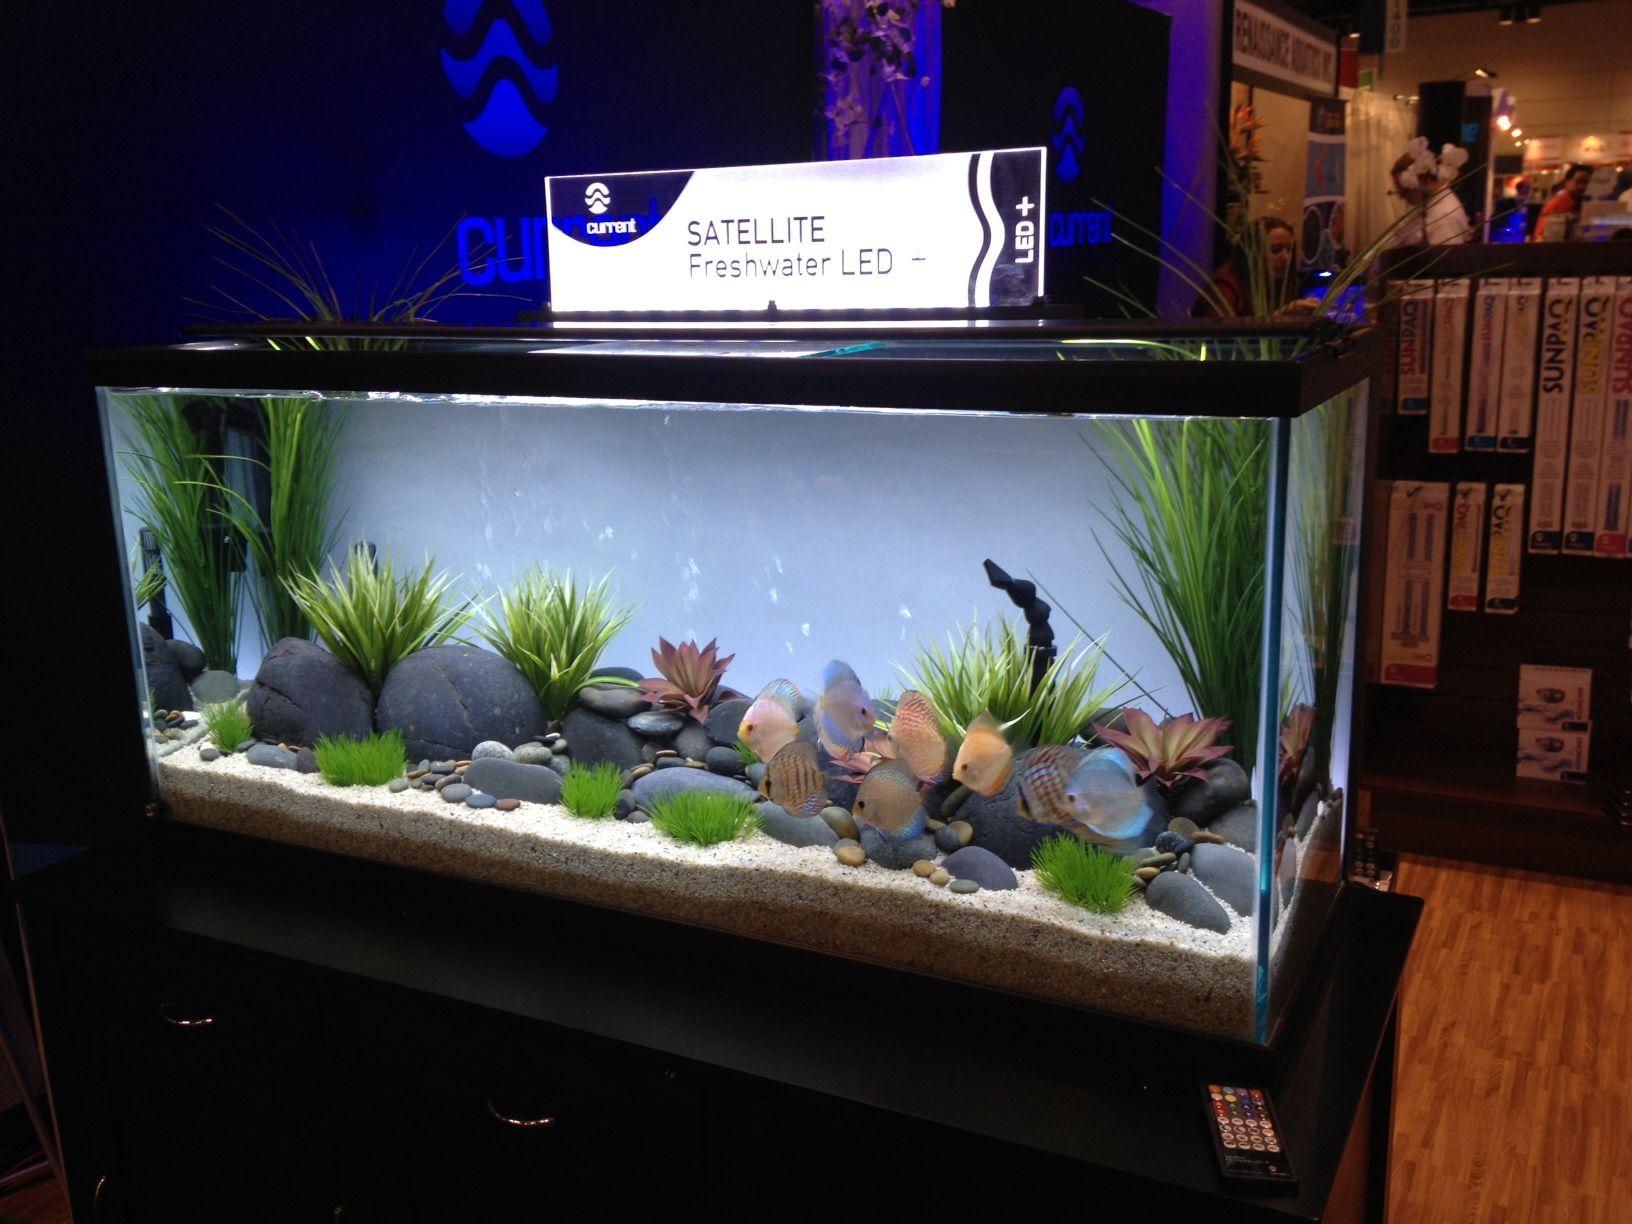 A Discus Aquarium Lit With The Satellite Led Freshwater Aquarium